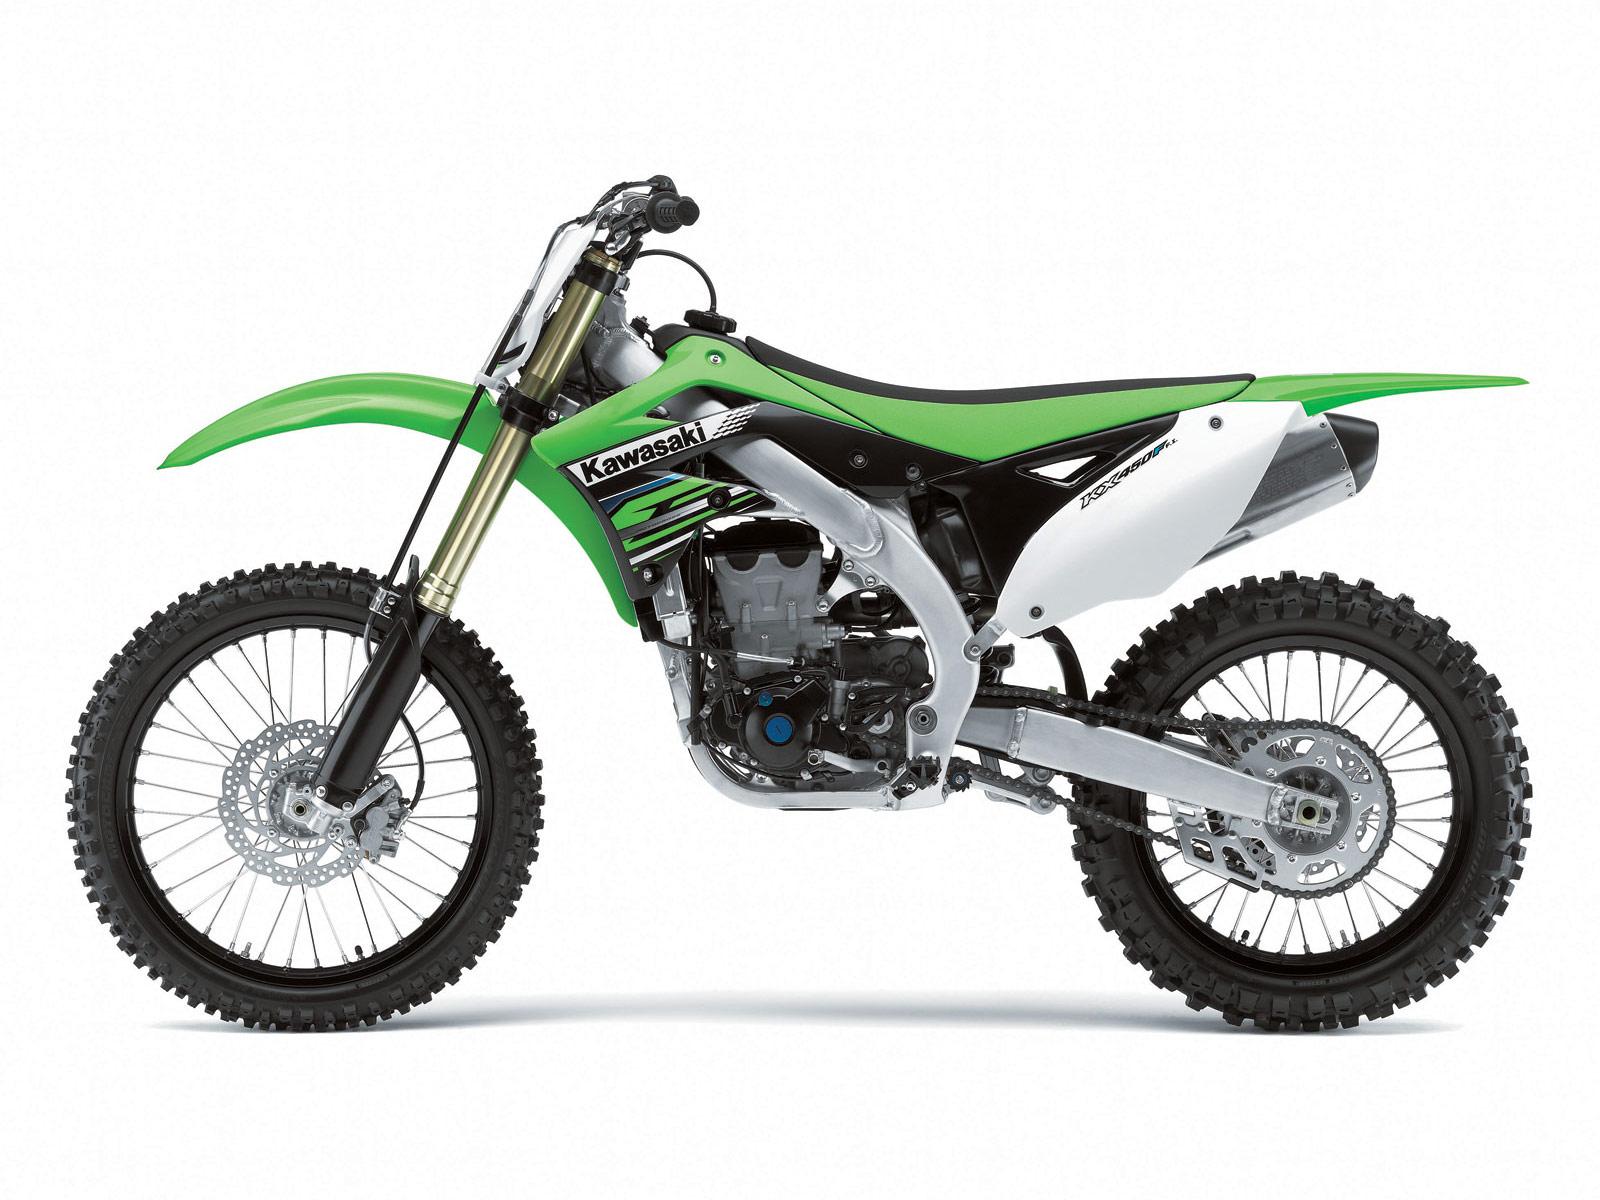 http://2.bp.blogspot.com/-Se2kObishxE/Tsgyj0sS7XI/AAAAAAAAJrM/btK8shd6Z48/s1600/2012-Kawasaki-KX450F_motorcycle-desktop-wallpapers-2.jpg